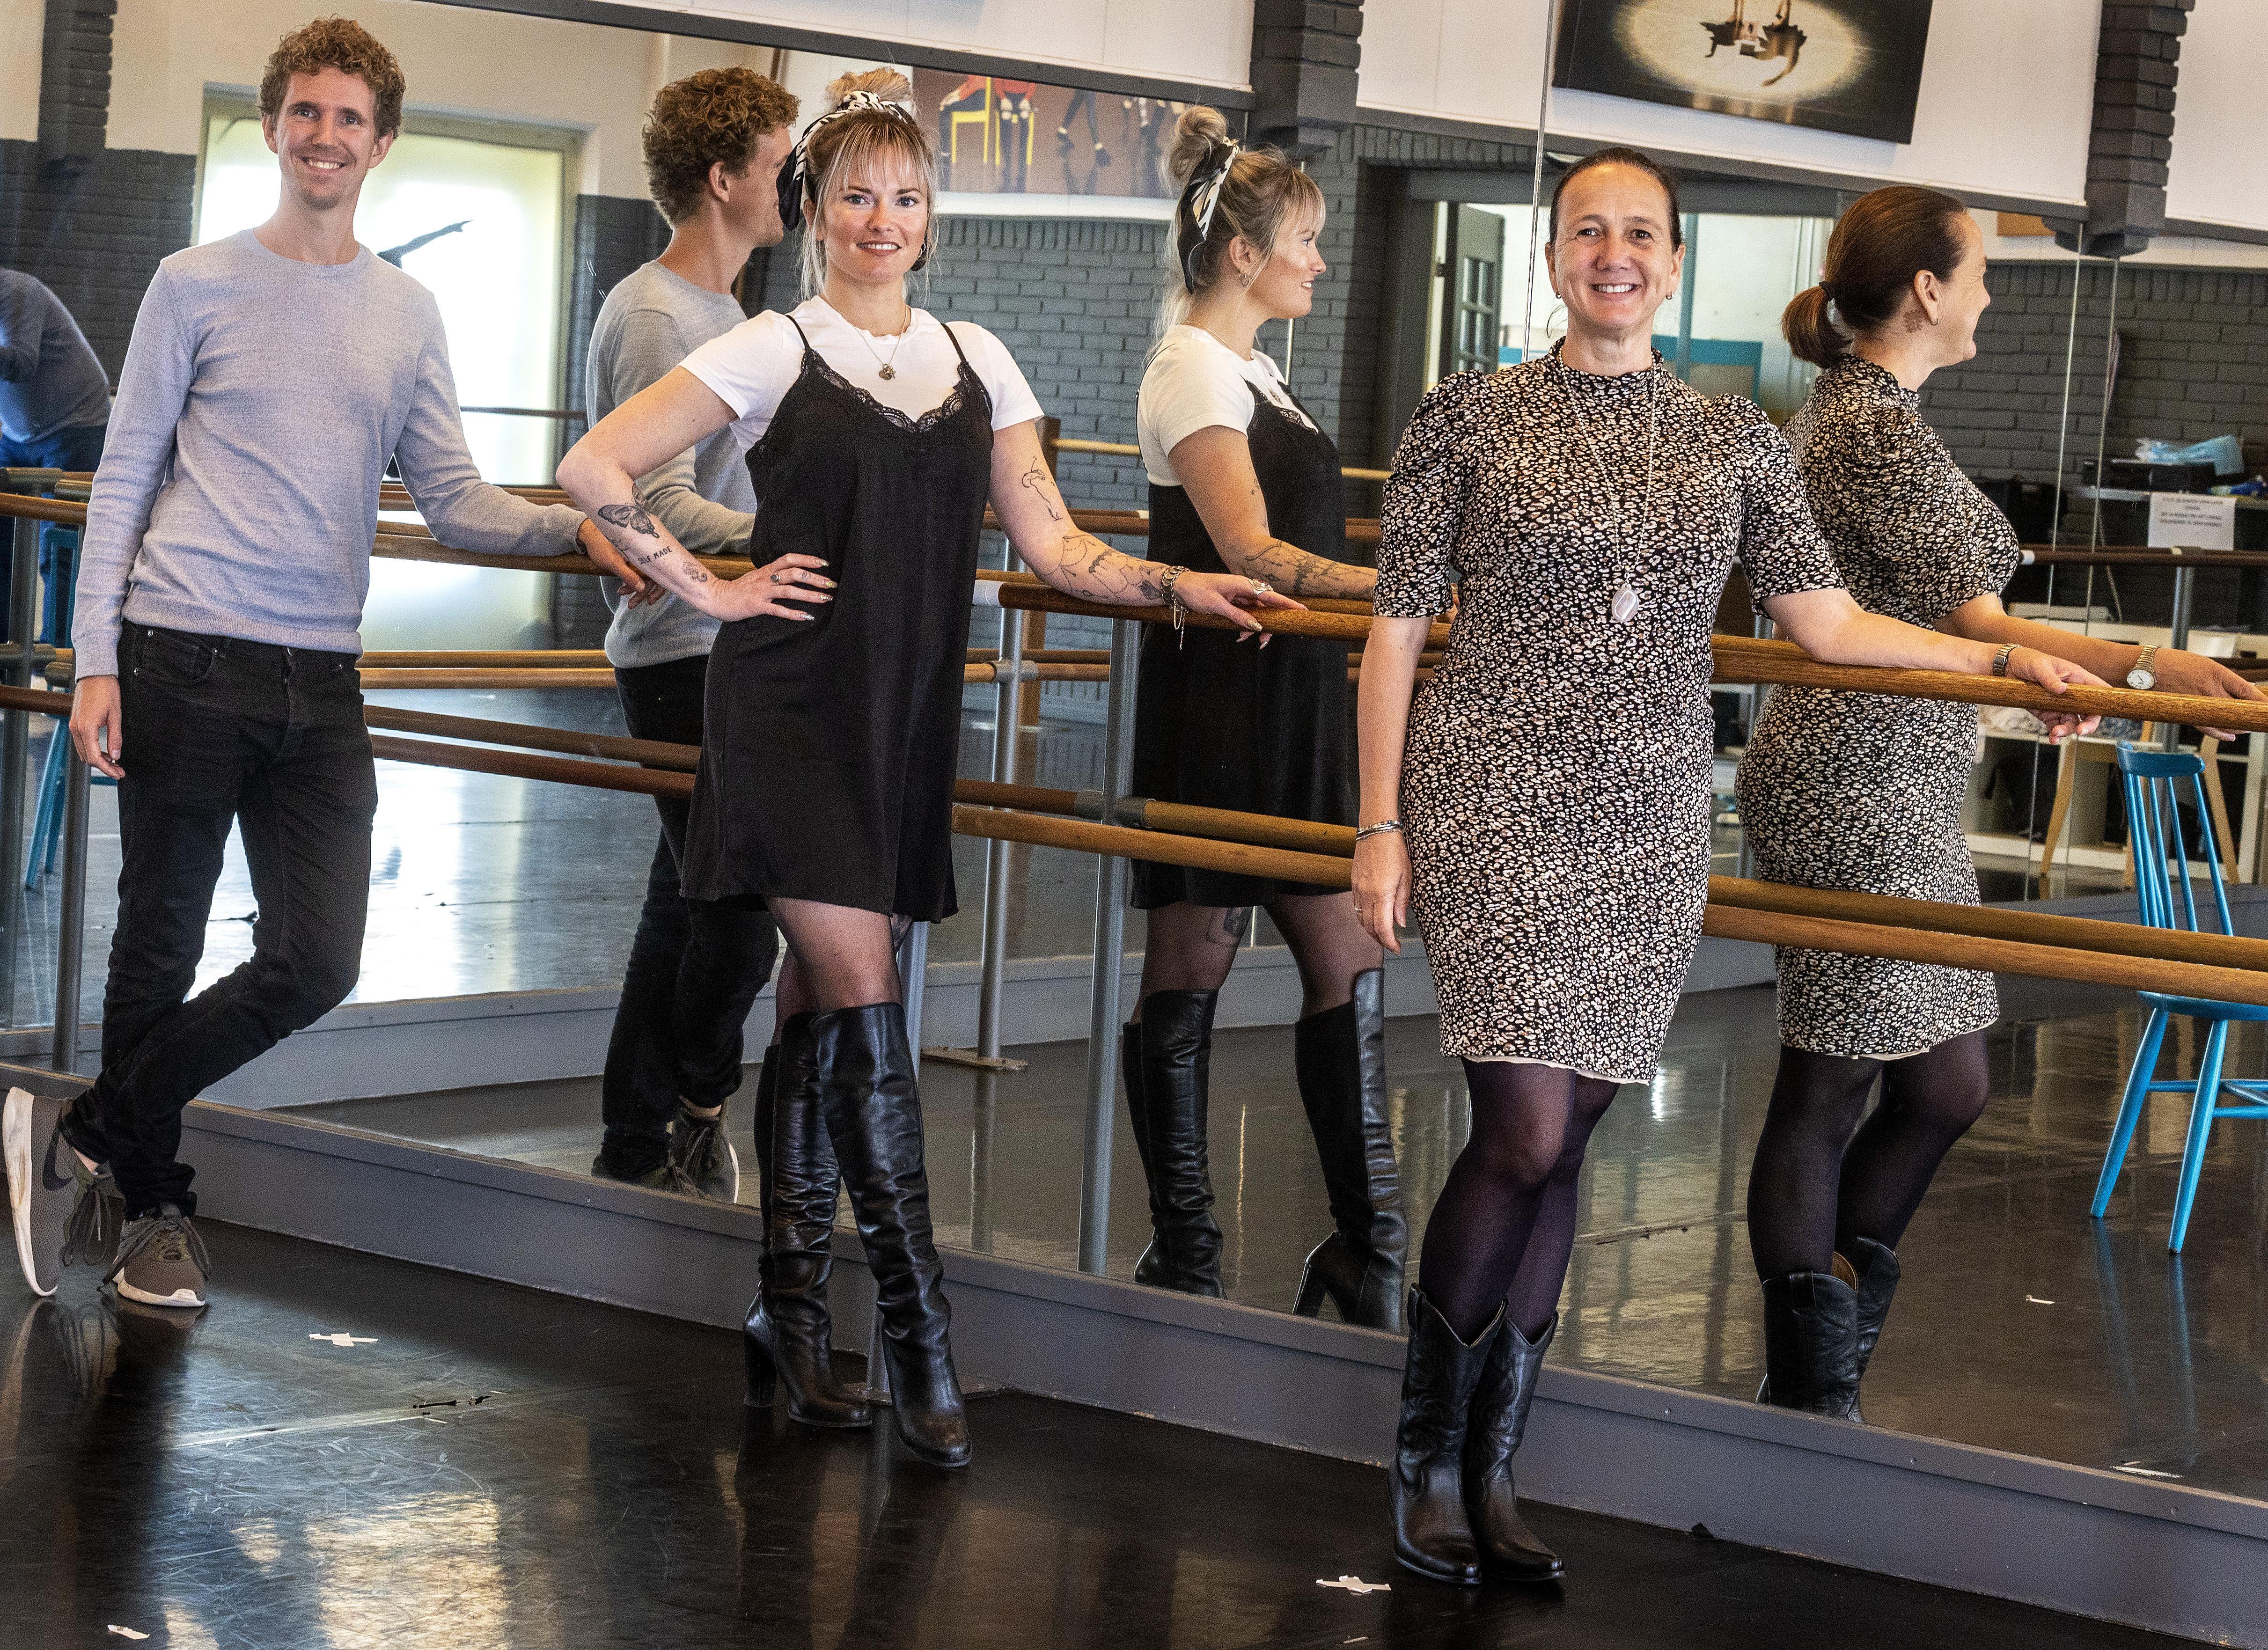 Nieuw platform voor zang, dans en muziek in Velsen: 'We willen talenten in de regio verder ontwikkelen'